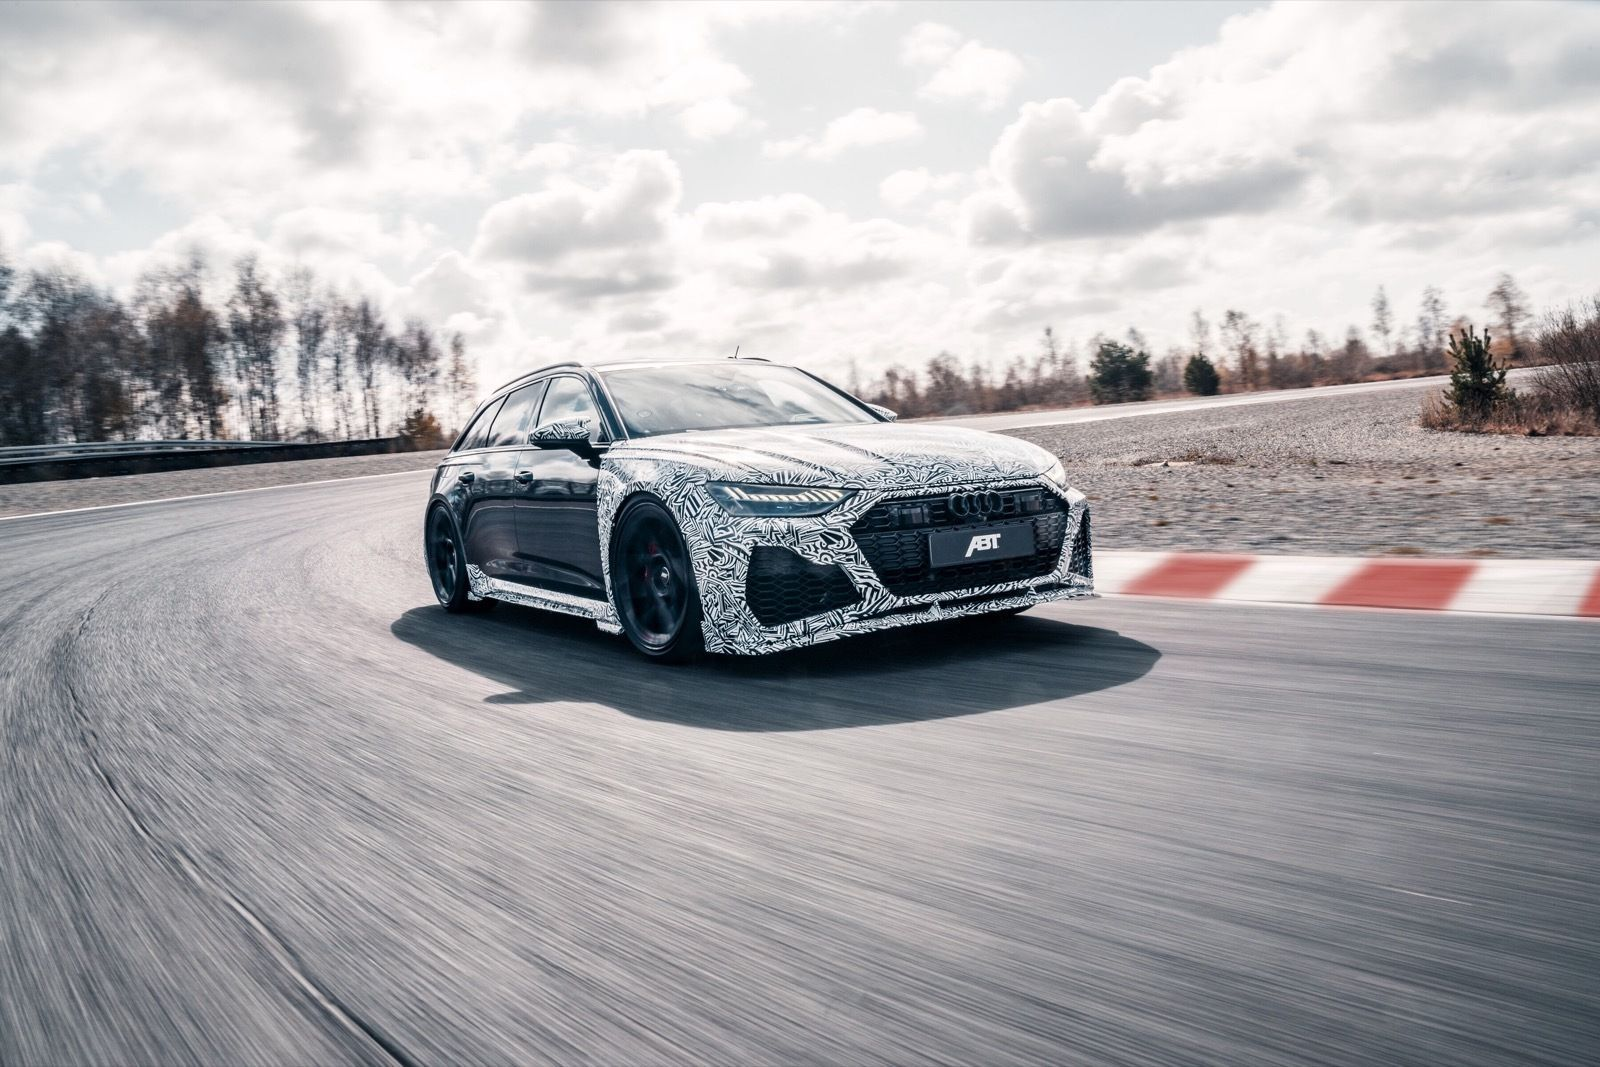 Audi_RS6_Johann_Abt_Signature_Edition-0025